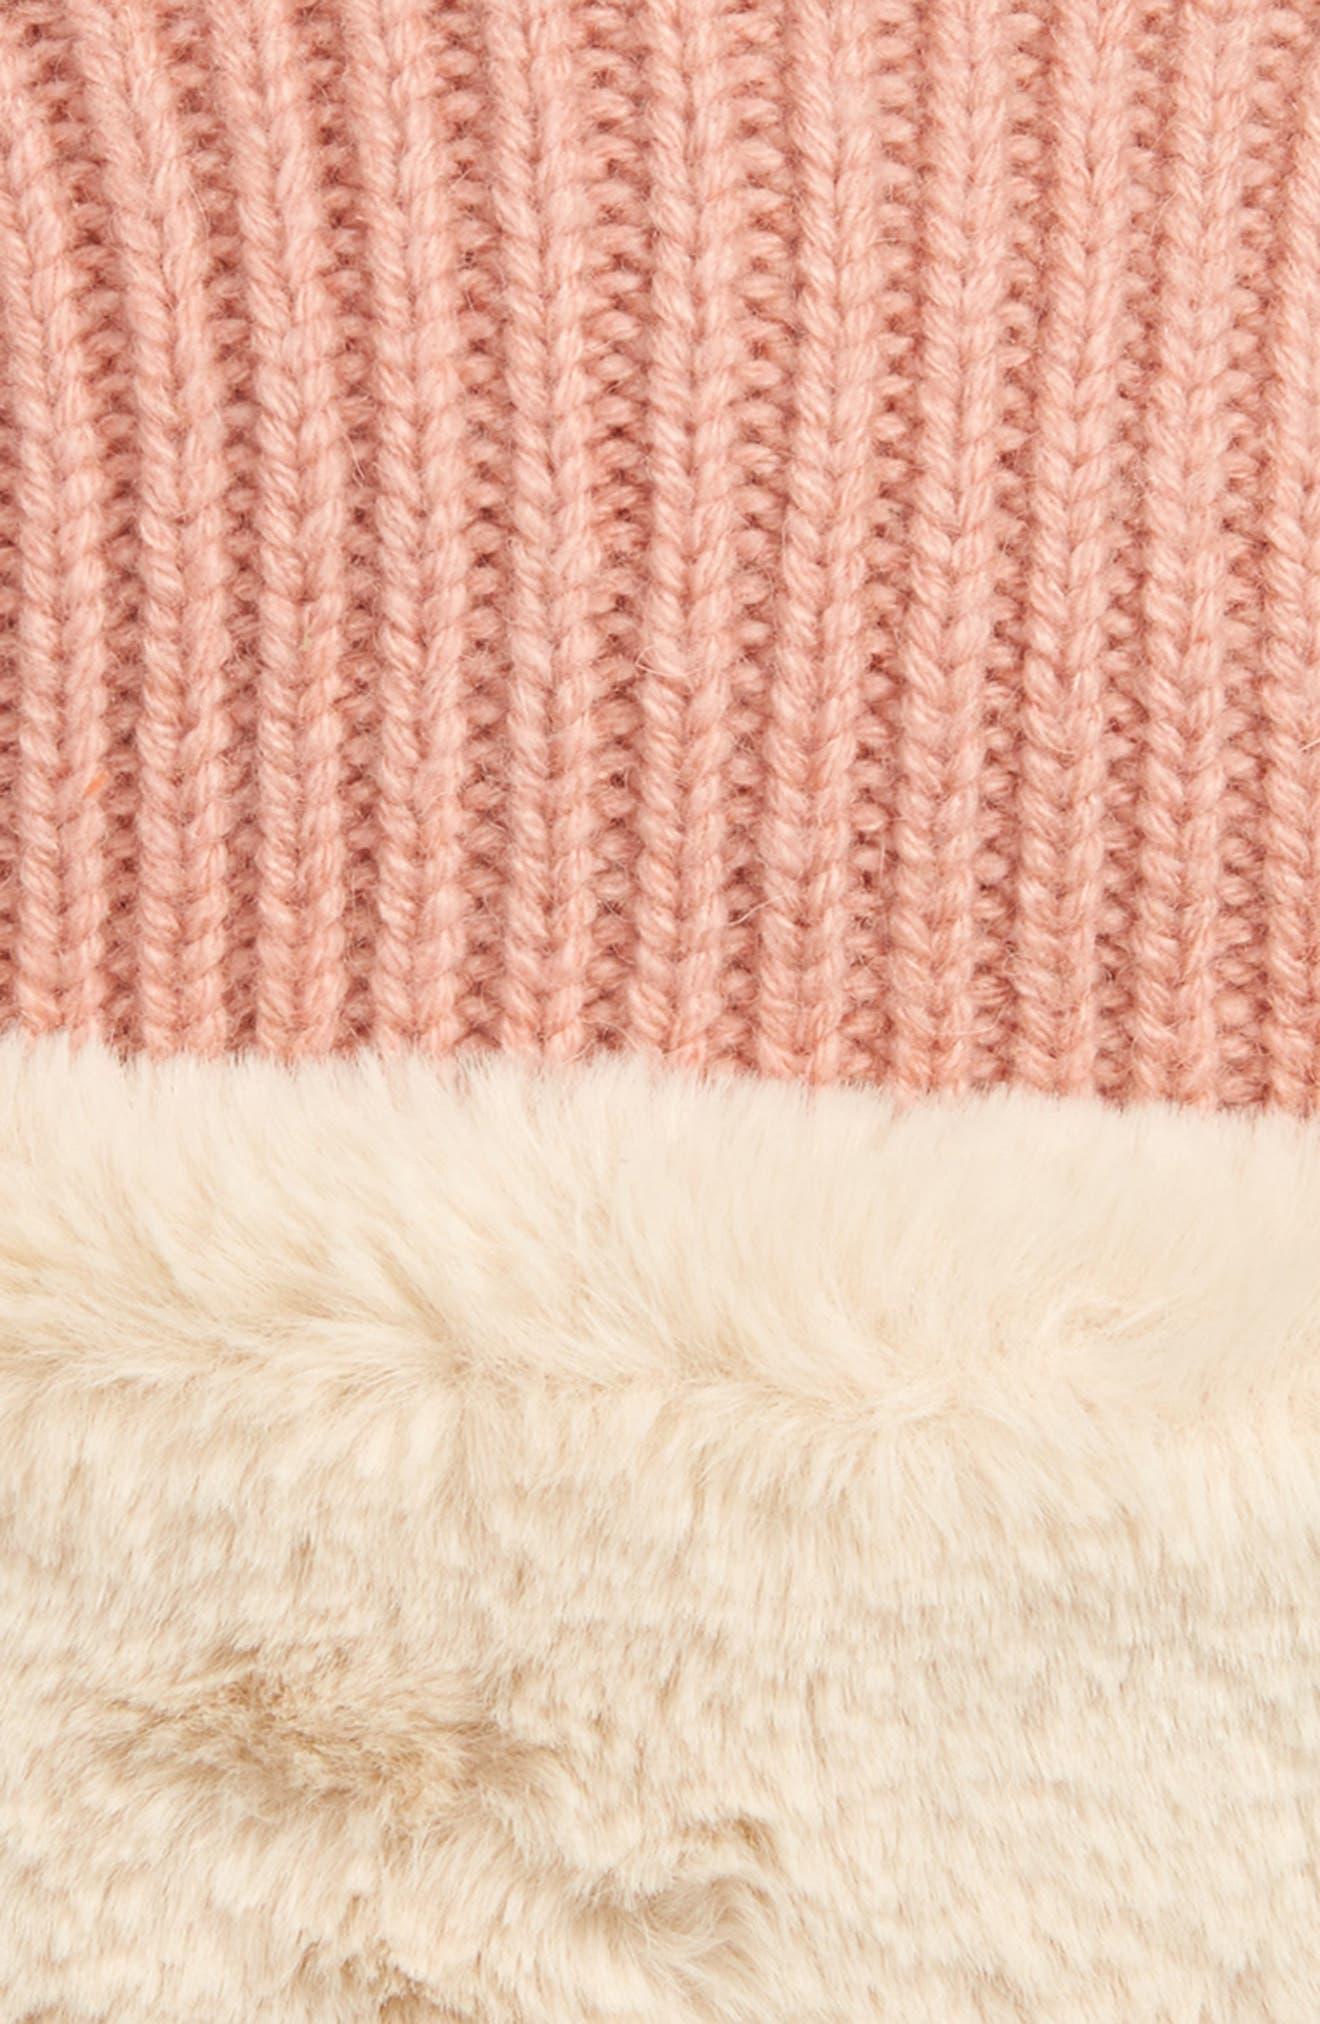 Knit Faux Fur Lined Hat,                             Alternate thumbnail 2, color,                             PALE RED LUREX